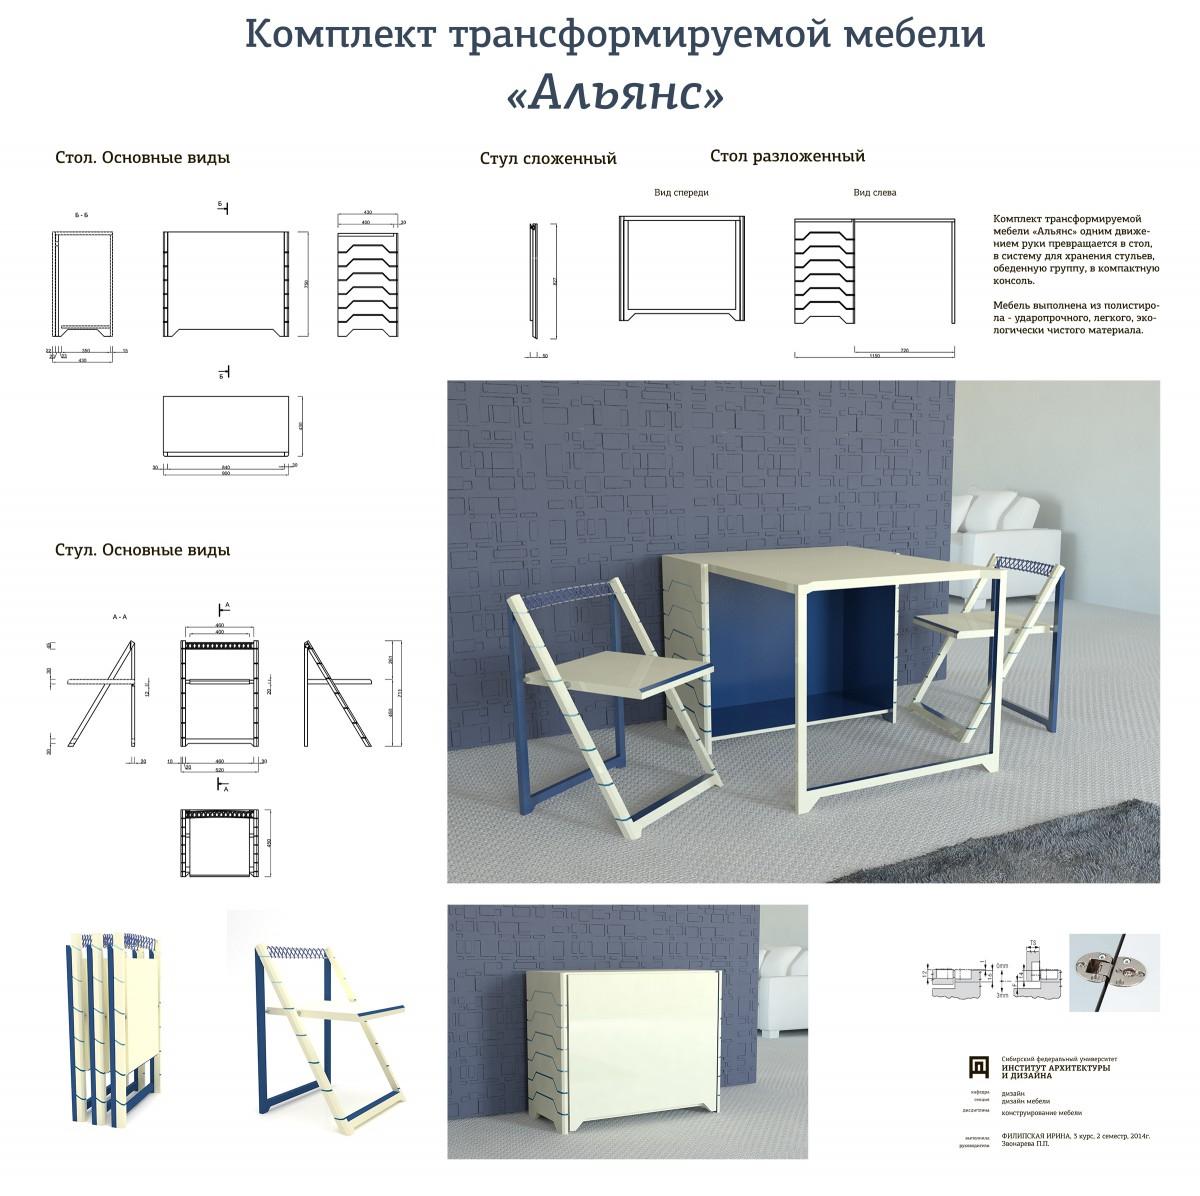 Стол трансформер своими руками 300 фото, чертежи, инструкции 63